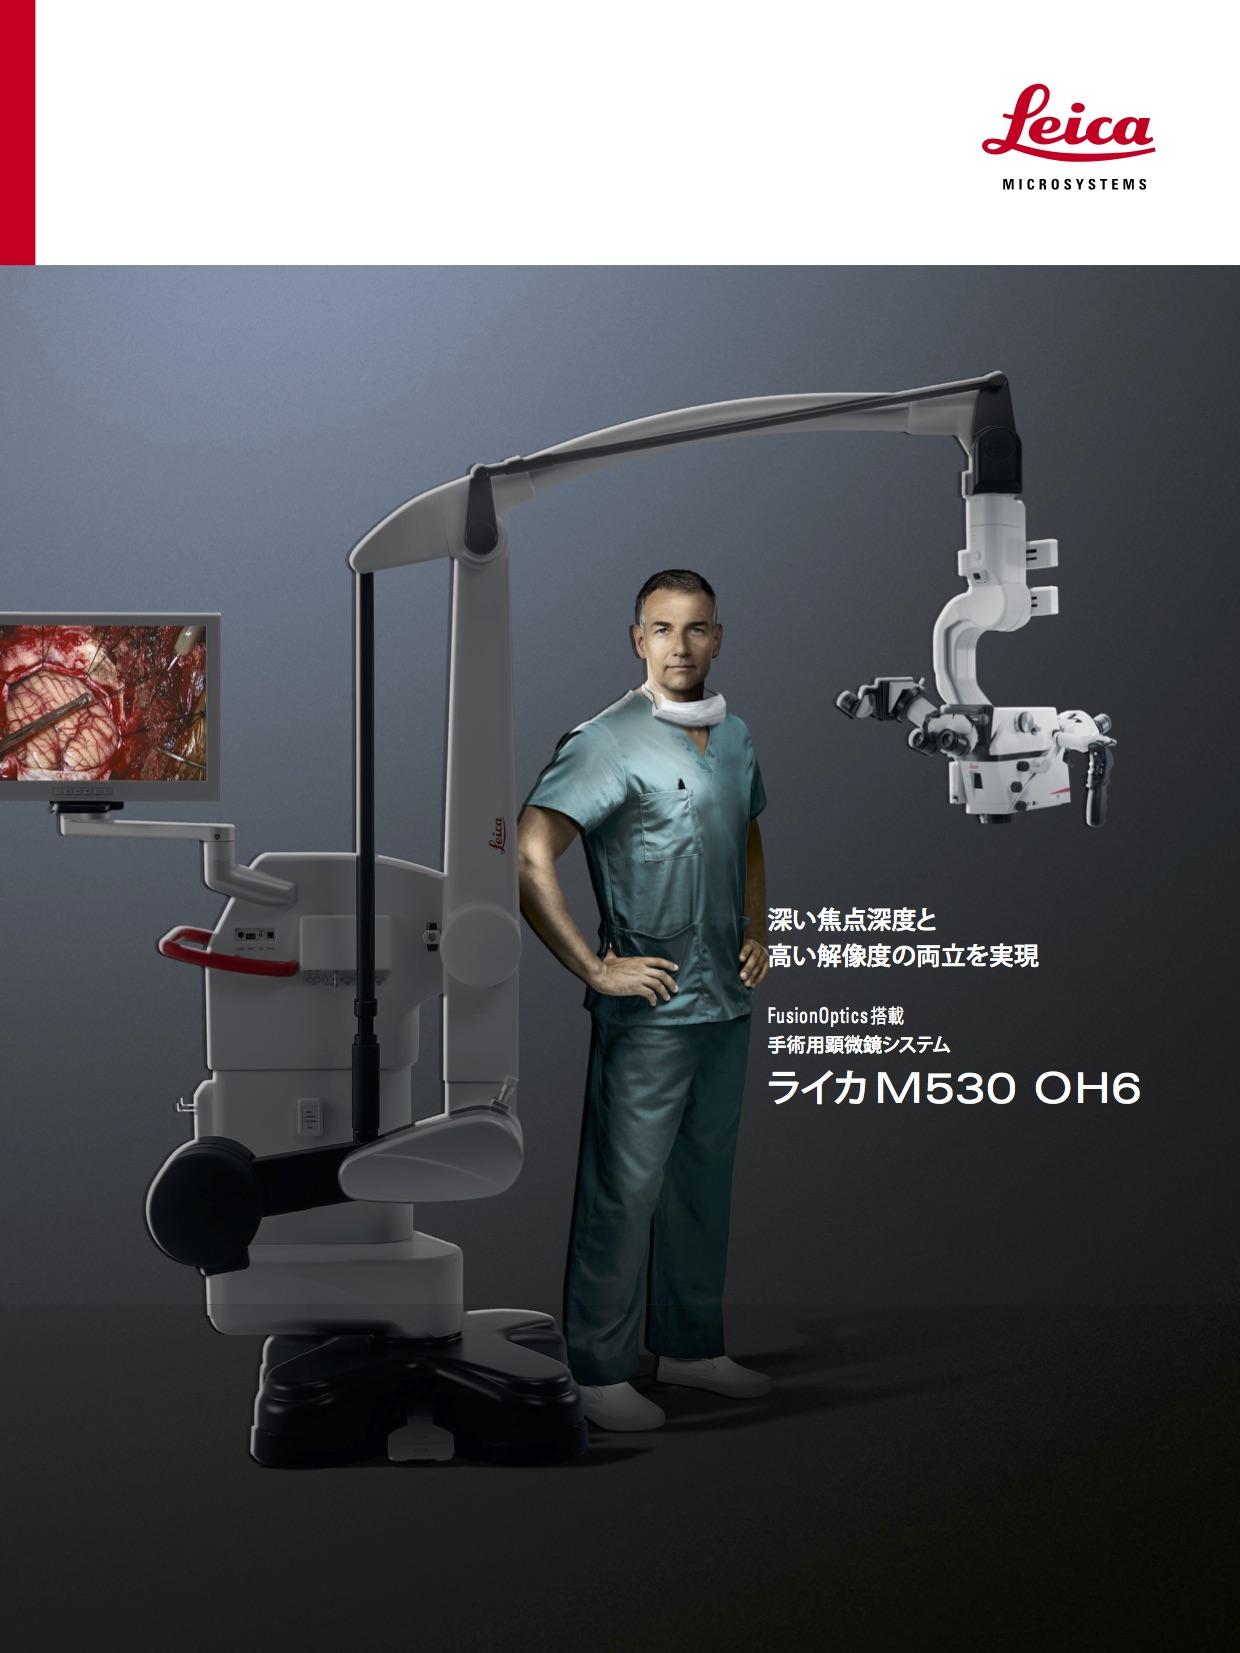 ダウンロード/手術顕微鏡システム Leica M530 OH6 カタログ